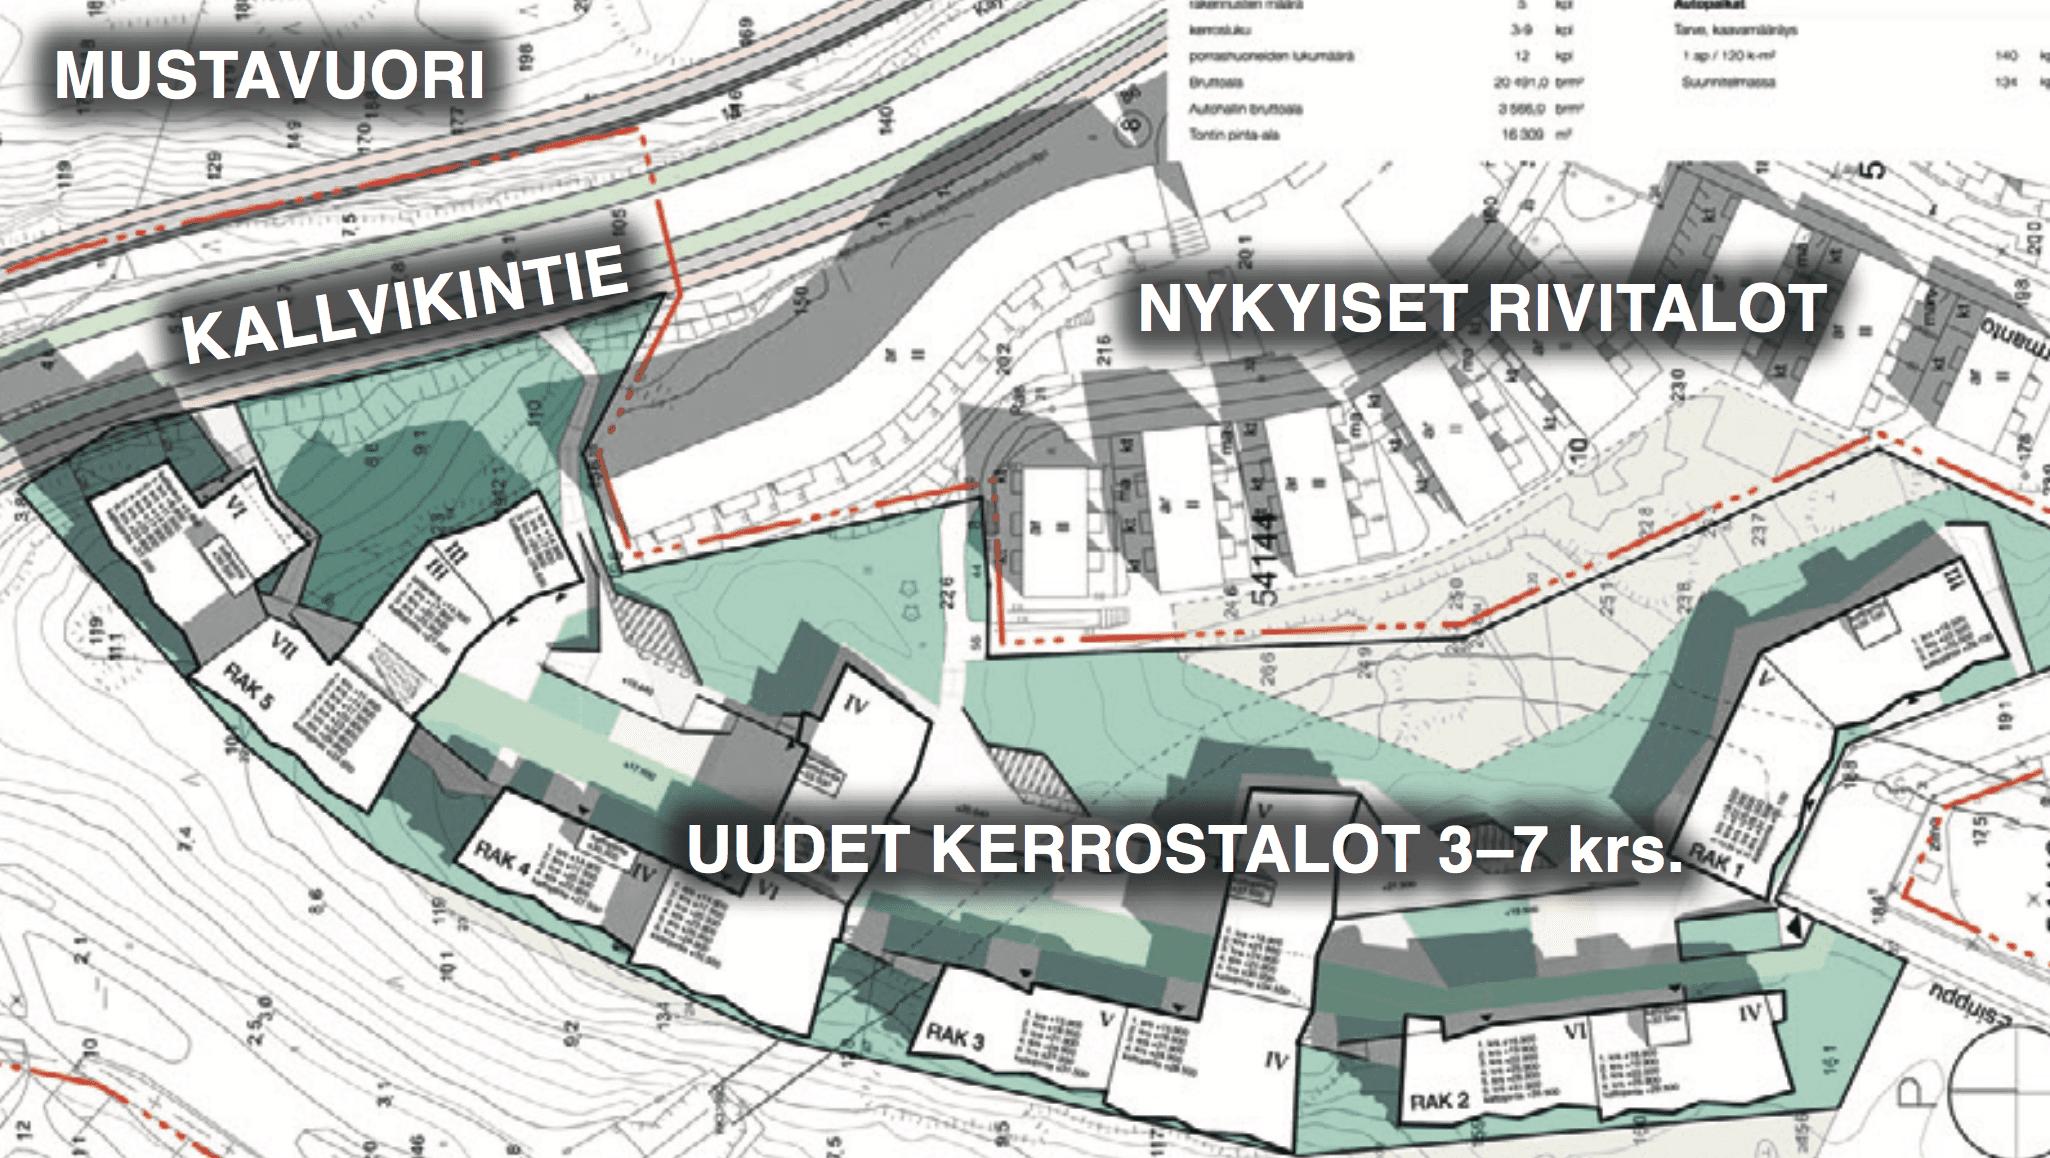 Suunnitellut uudet kerrostalot tulisivat Kurkimoision kallion reunaan. Kuva: Arkworks Arkkitehdit ja RMGardens